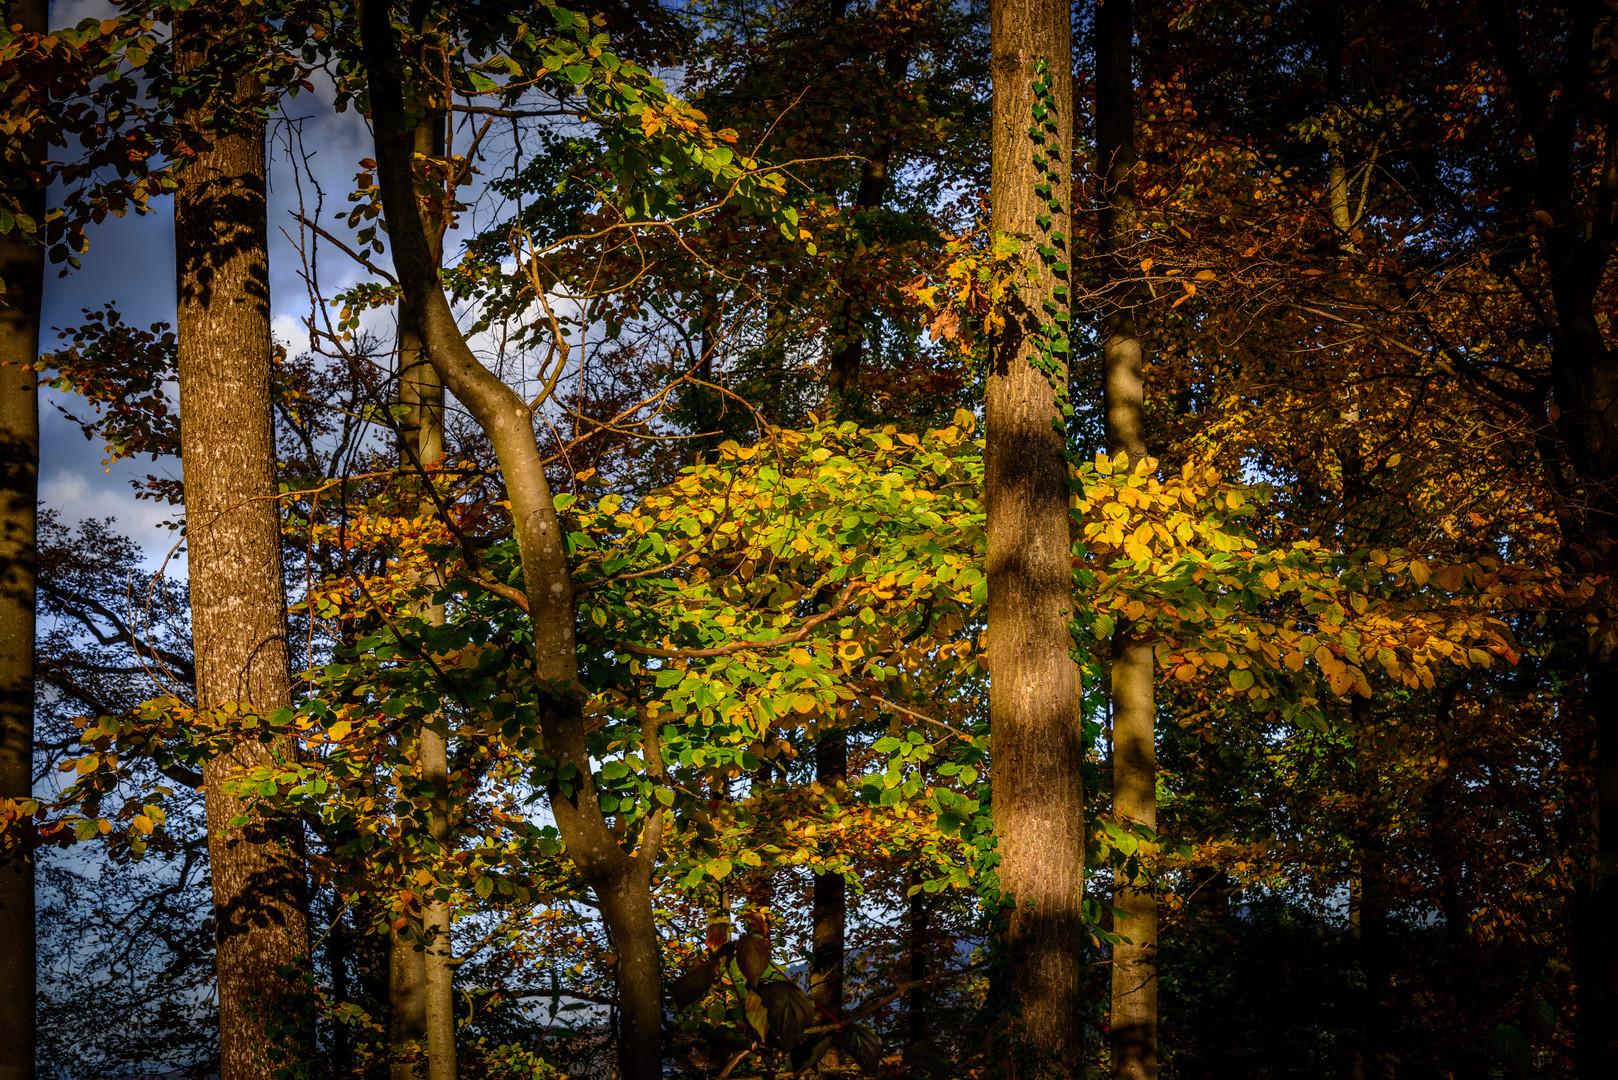 Herbst im Blätterwald